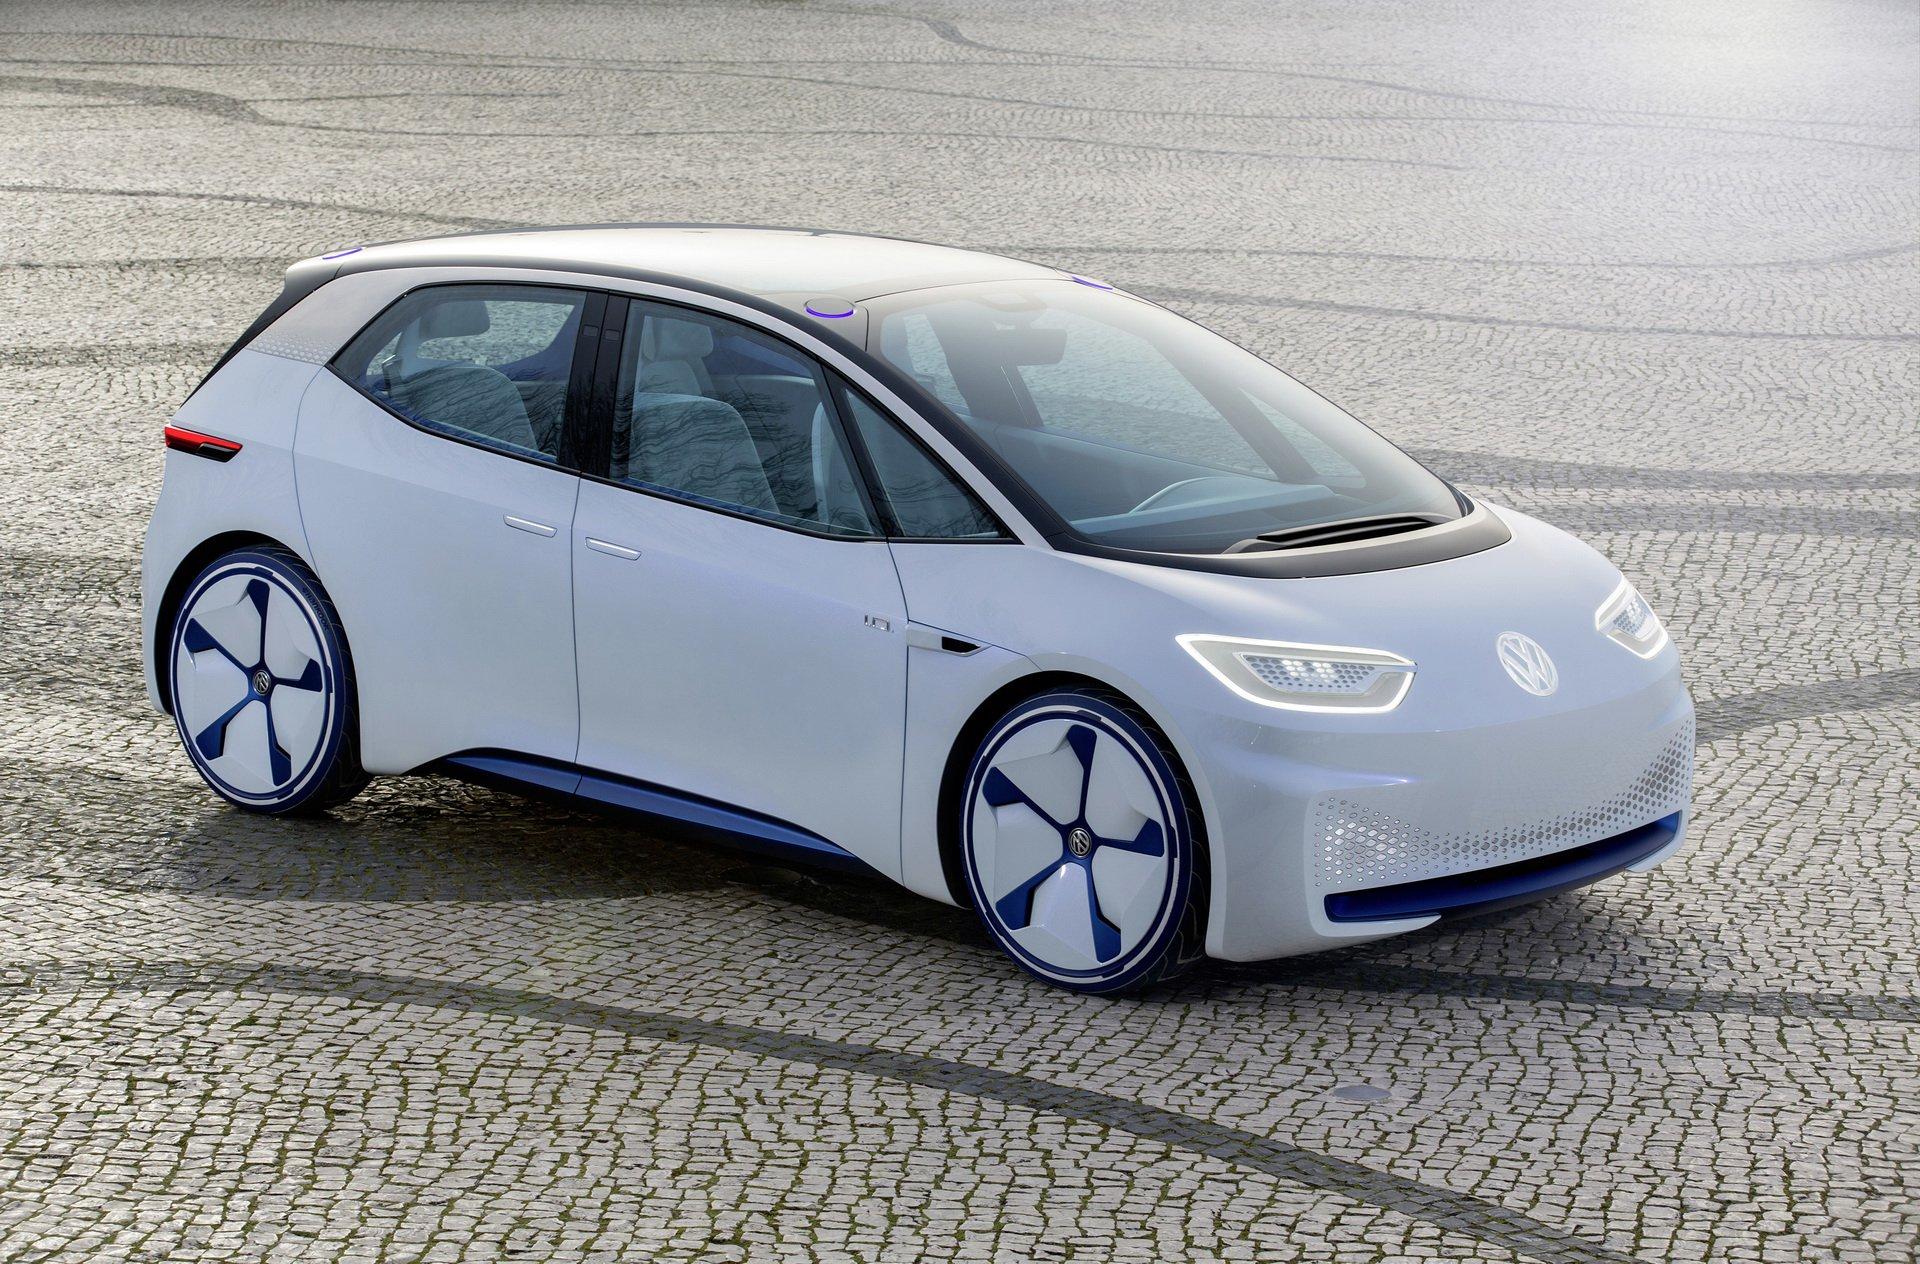 Volkswagen разрабатывает массовый электрокар за 20 тысяч евро